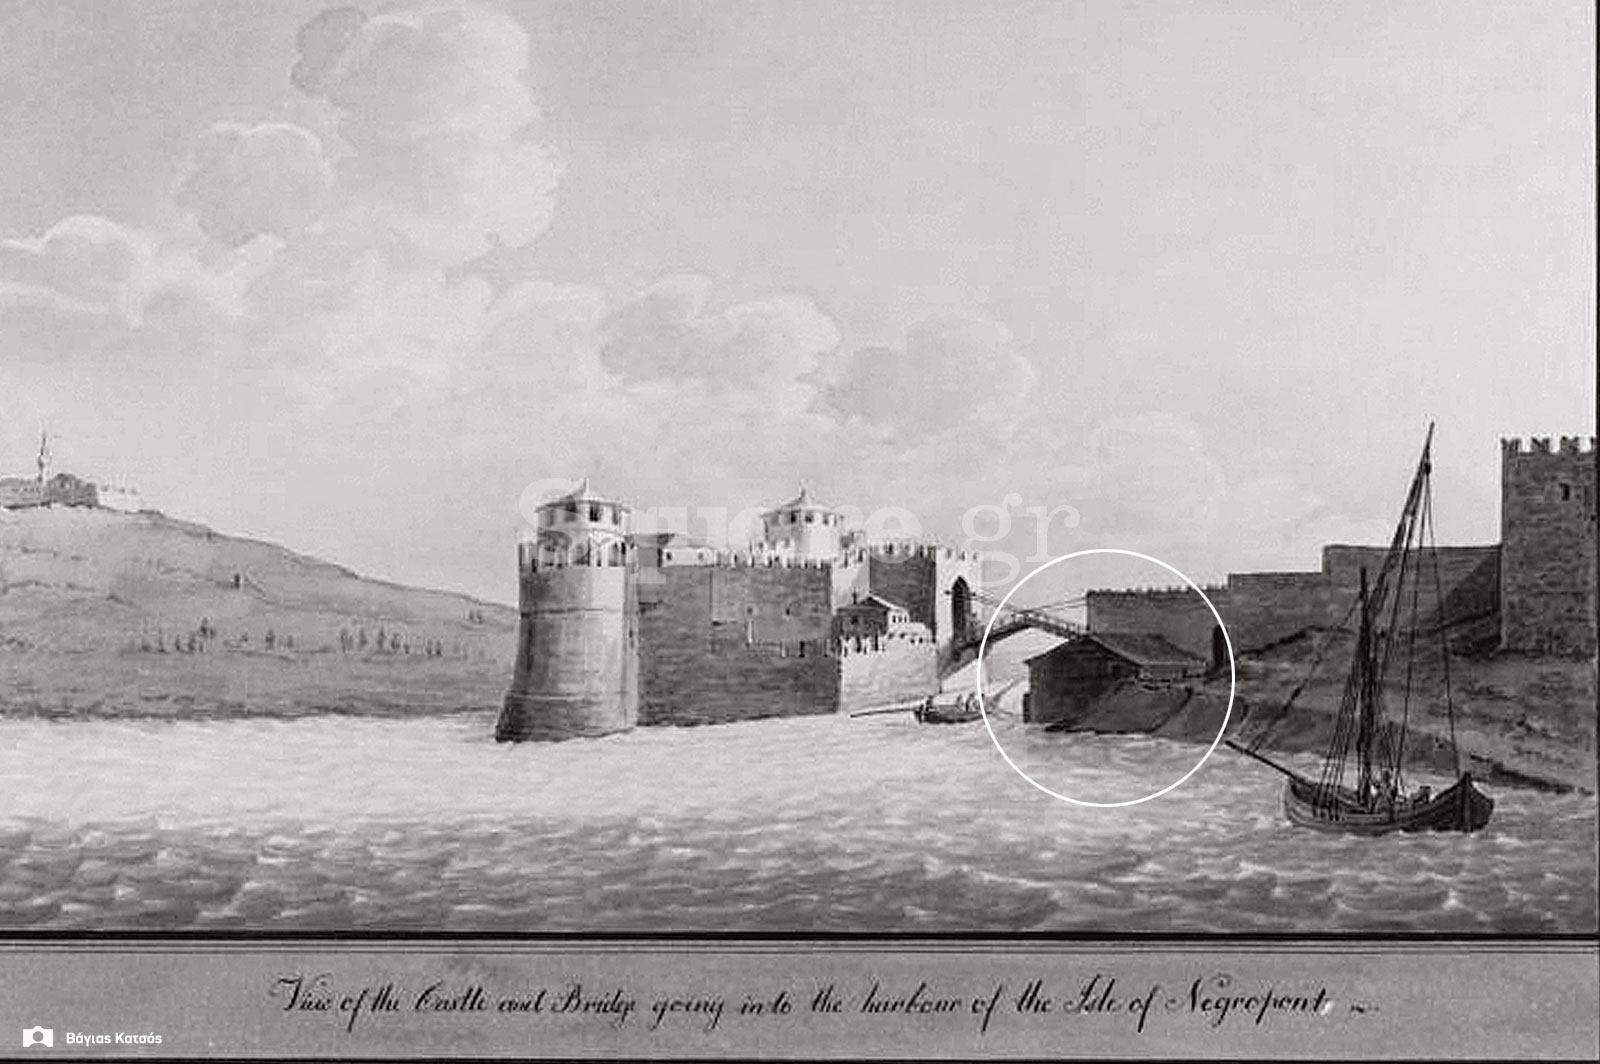 5-Παλιρροιόμυλοι-update-Τοπιογραφία-του-Ferdinand-Bauer-1-Αυγούστου-1787